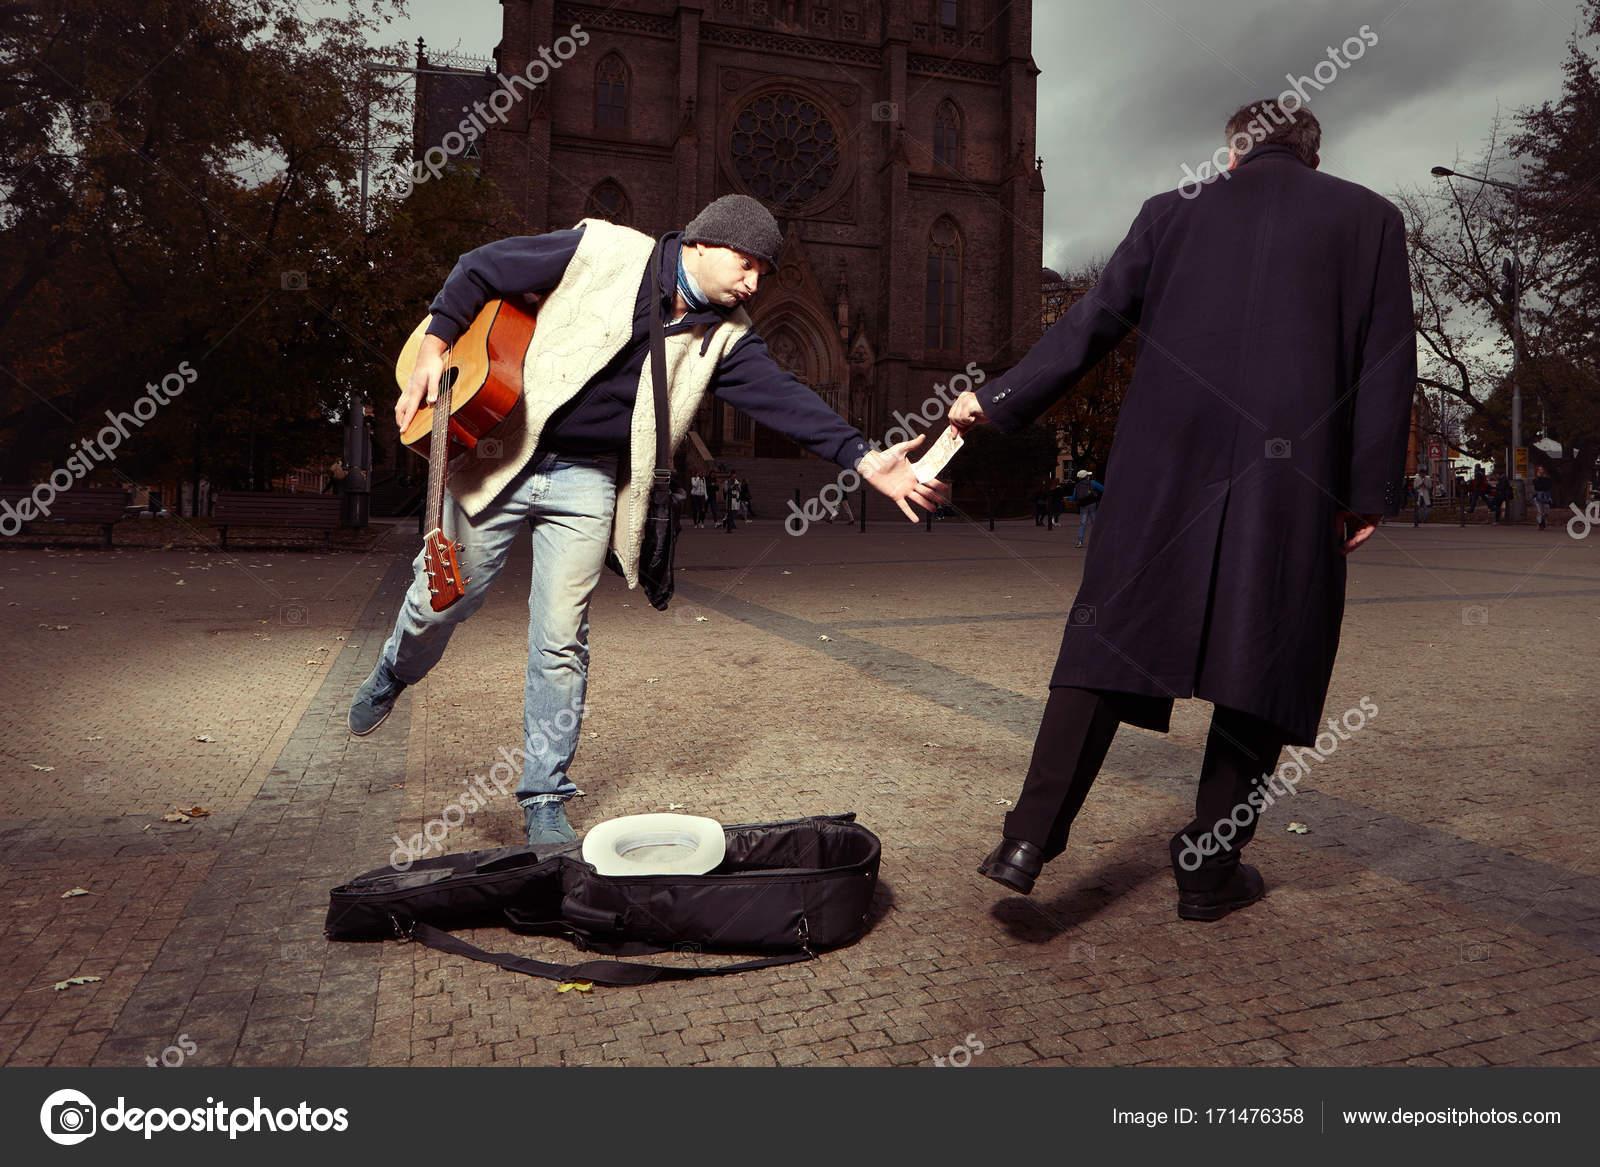 Klassische Stehlen unbekannte stehlen geld an bettler mit gitarre stockfoto